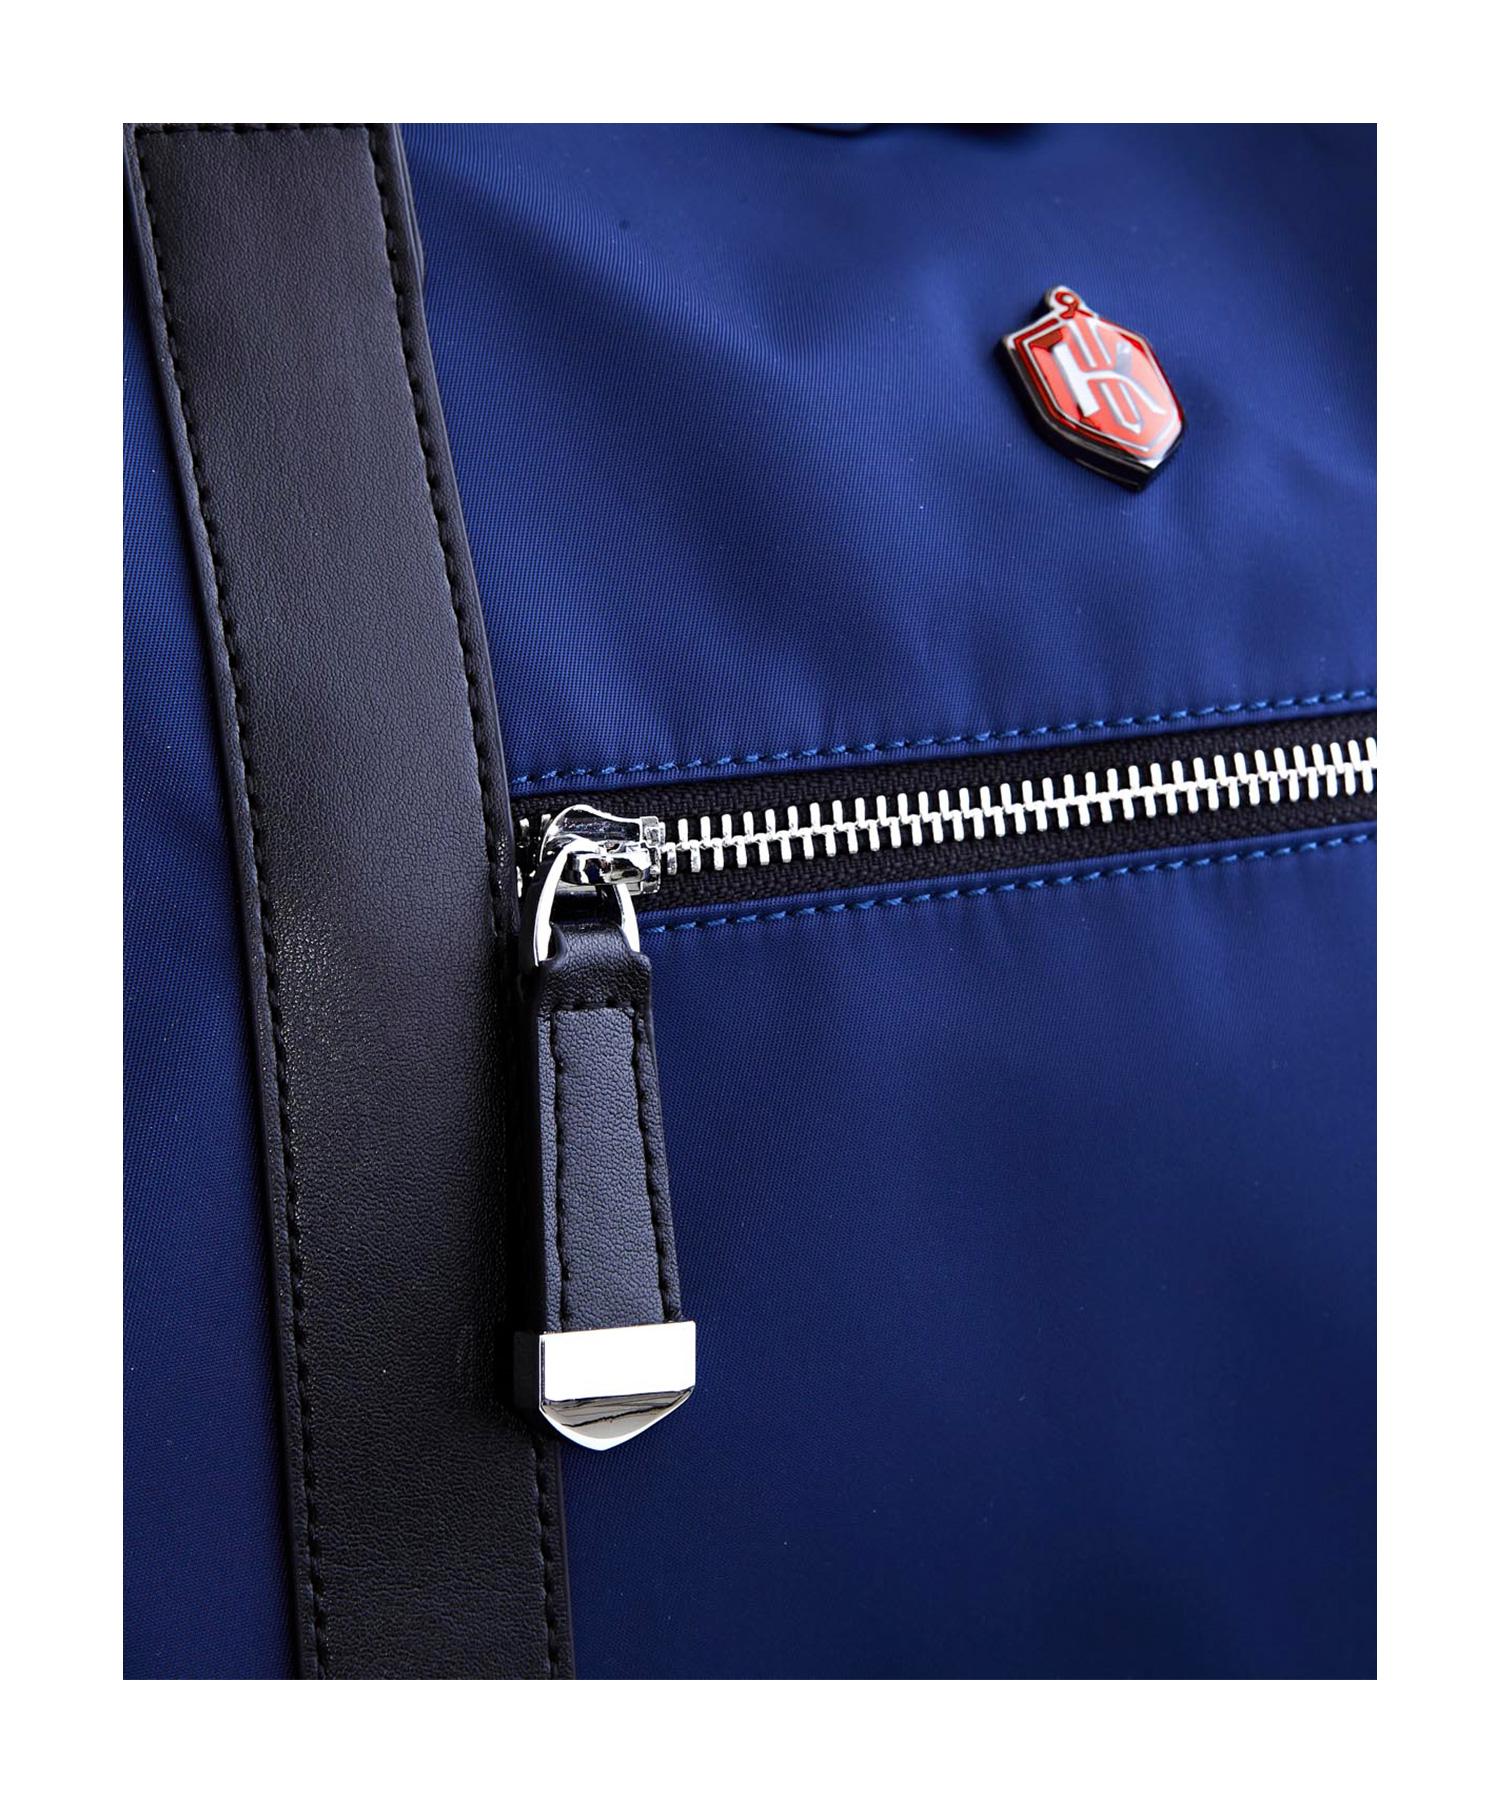 krimcode business duffel bag blue zipper